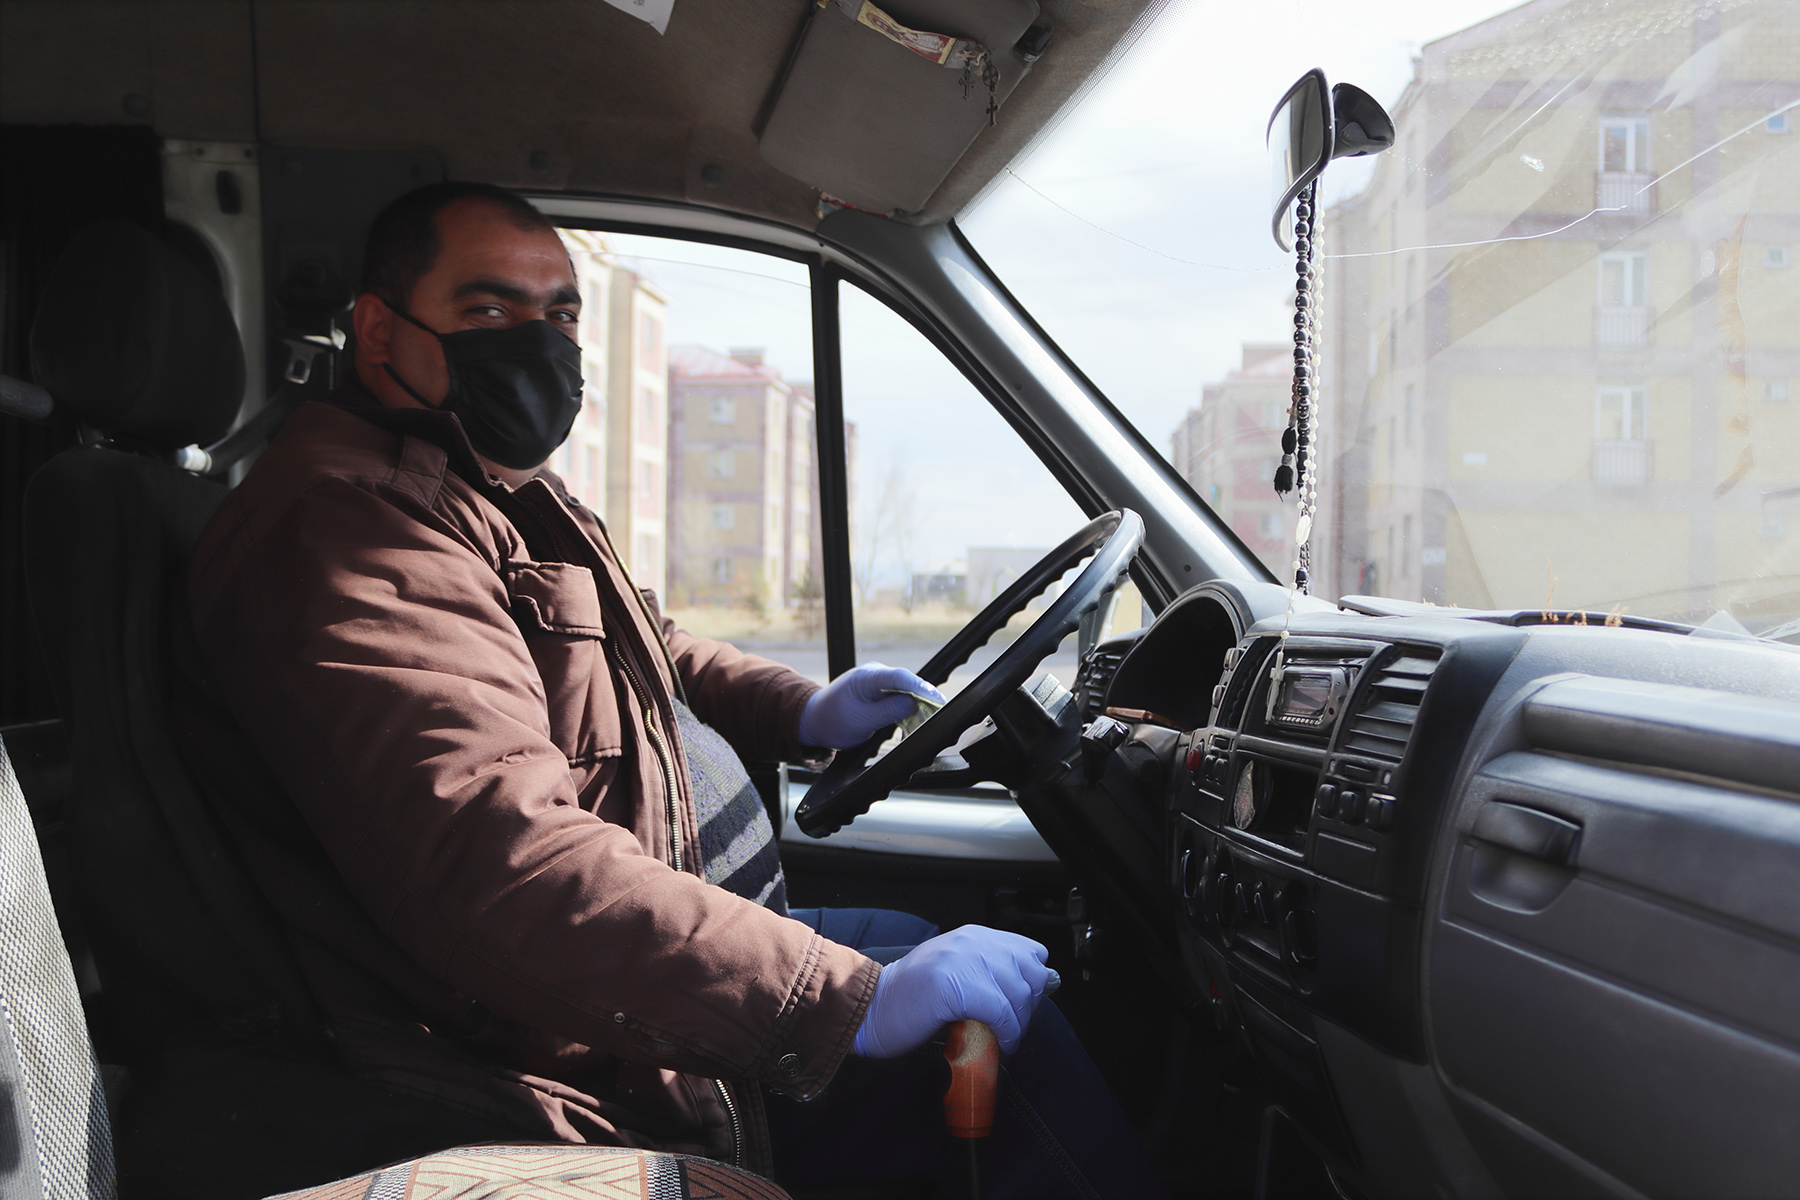 Водитель автобуса в маске до того, как прекратил работу общественный транспорт. Фото: Анаит Арутюнян/OC Media.